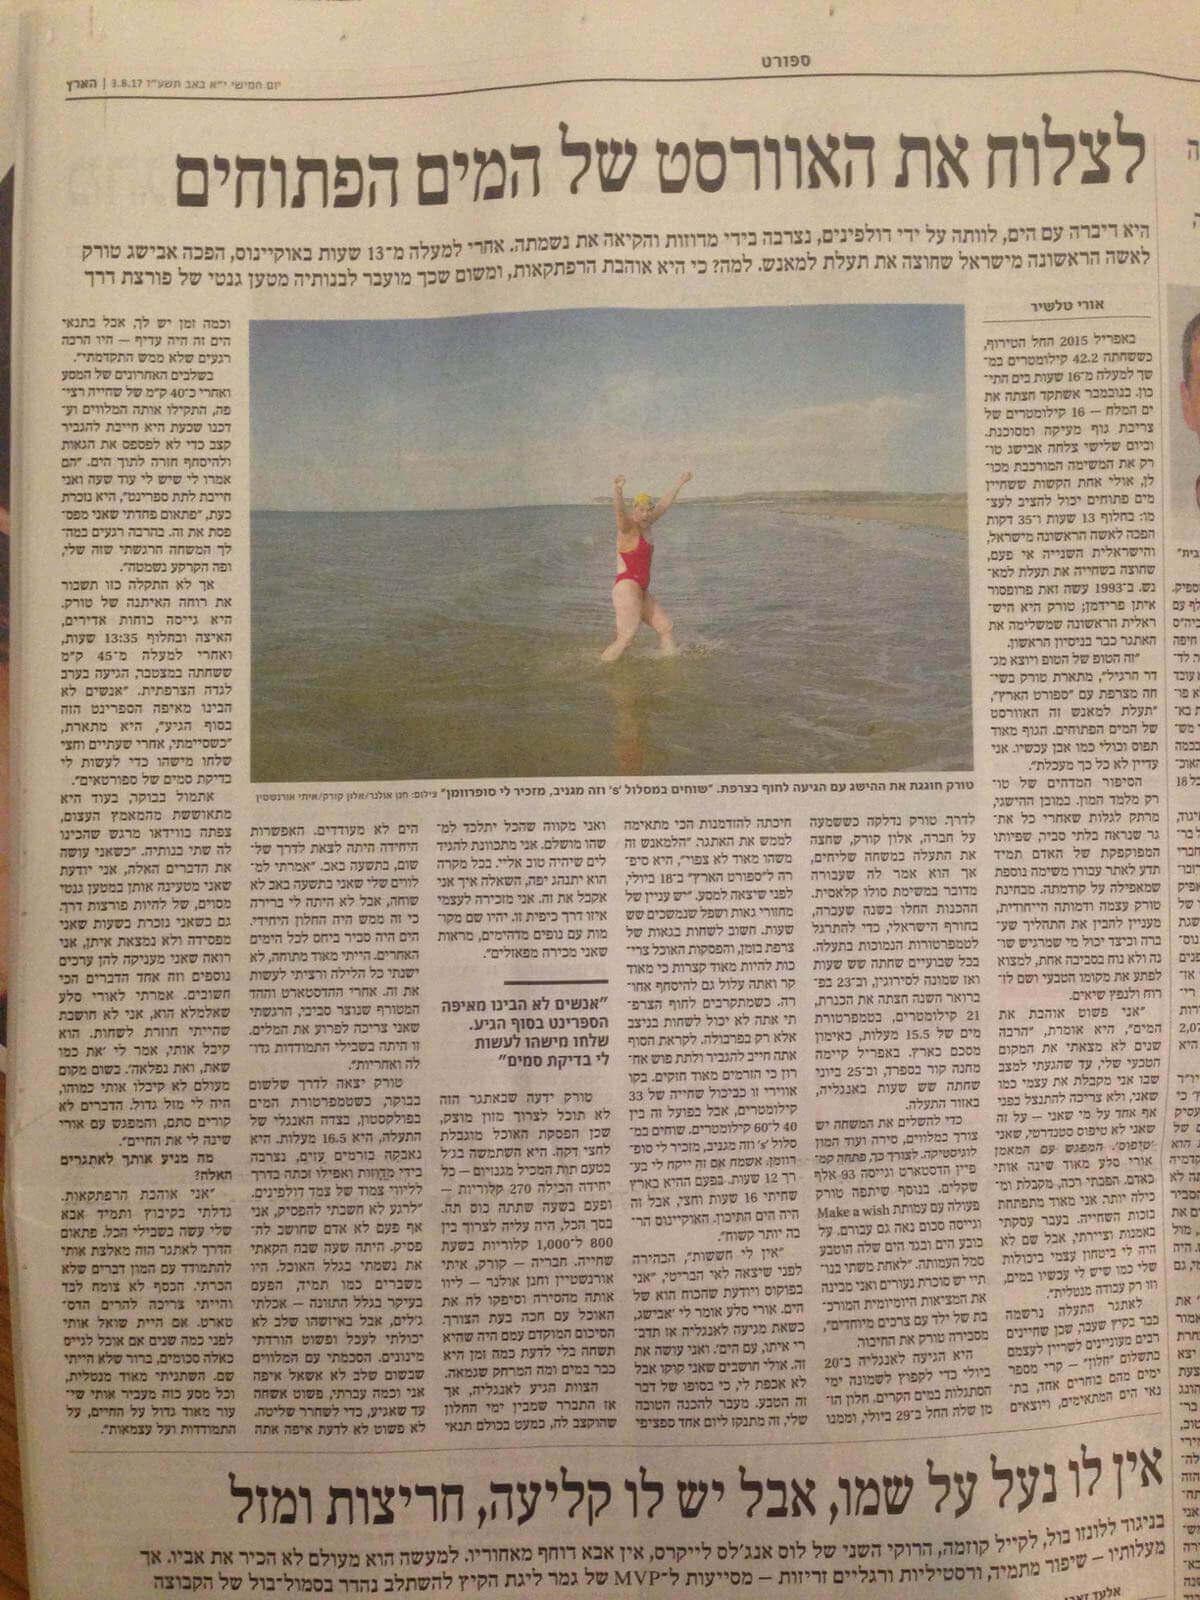 הארץ: אבישג טורק, שחיינית עולם המים, צלחה את תעלת הלמאנש